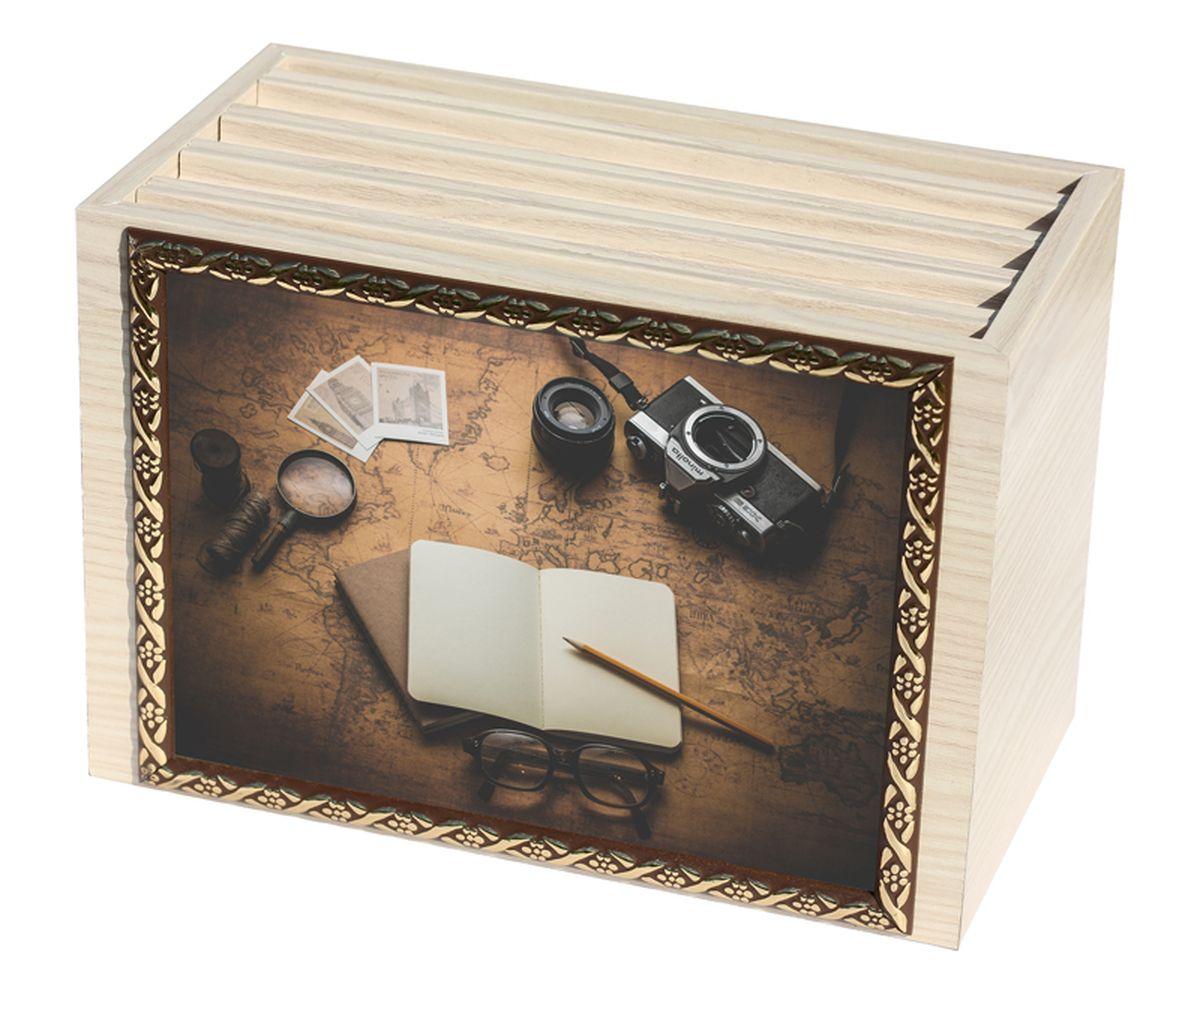 Фотобокс Milarte, 96 фотографий, 16 х 9 х 22 см. FBVD-119006Брелок для ключейФотобокс Milarte поможет аккуратно и стильно хранить ваши фотографии. Фотобокс выполнен из МДФ цвета выбеленный дуб. Изображение нанесено с лицевой стороны на корпус и обрамлено пластиковой рамкой с узором. Фотобокс содержит 4 вынимающиеся вкладки с ПВХ-карманами для фото, по 24 штуки каждая. Стильный и красивый фотобокс не только отлично дополнит интерьер, но и станет чудесным подарком к любому случаю, который обязательно порадует получателя. Размер изображения: 16 х 11 см.